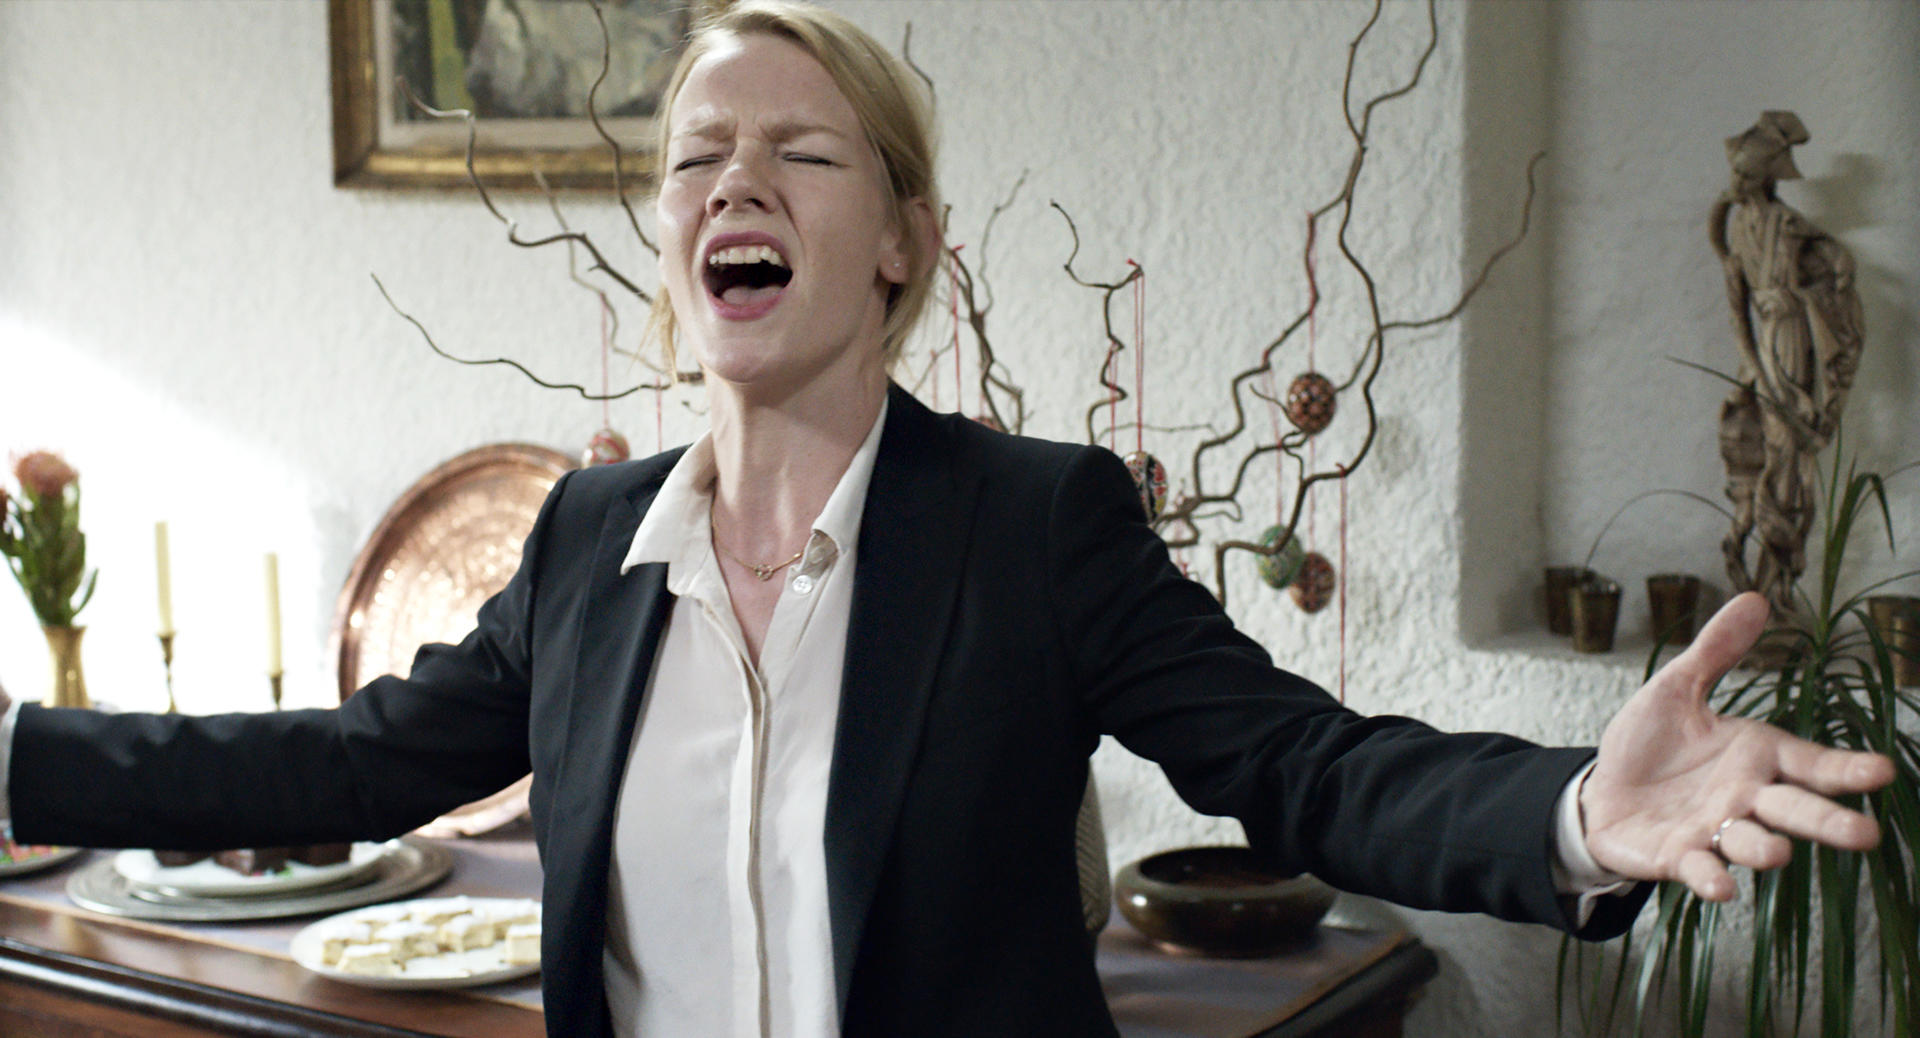 O representante alemão Toni Erdmann, de Maren Ade., agora favorito na categoria. Pic by moviepilot.de